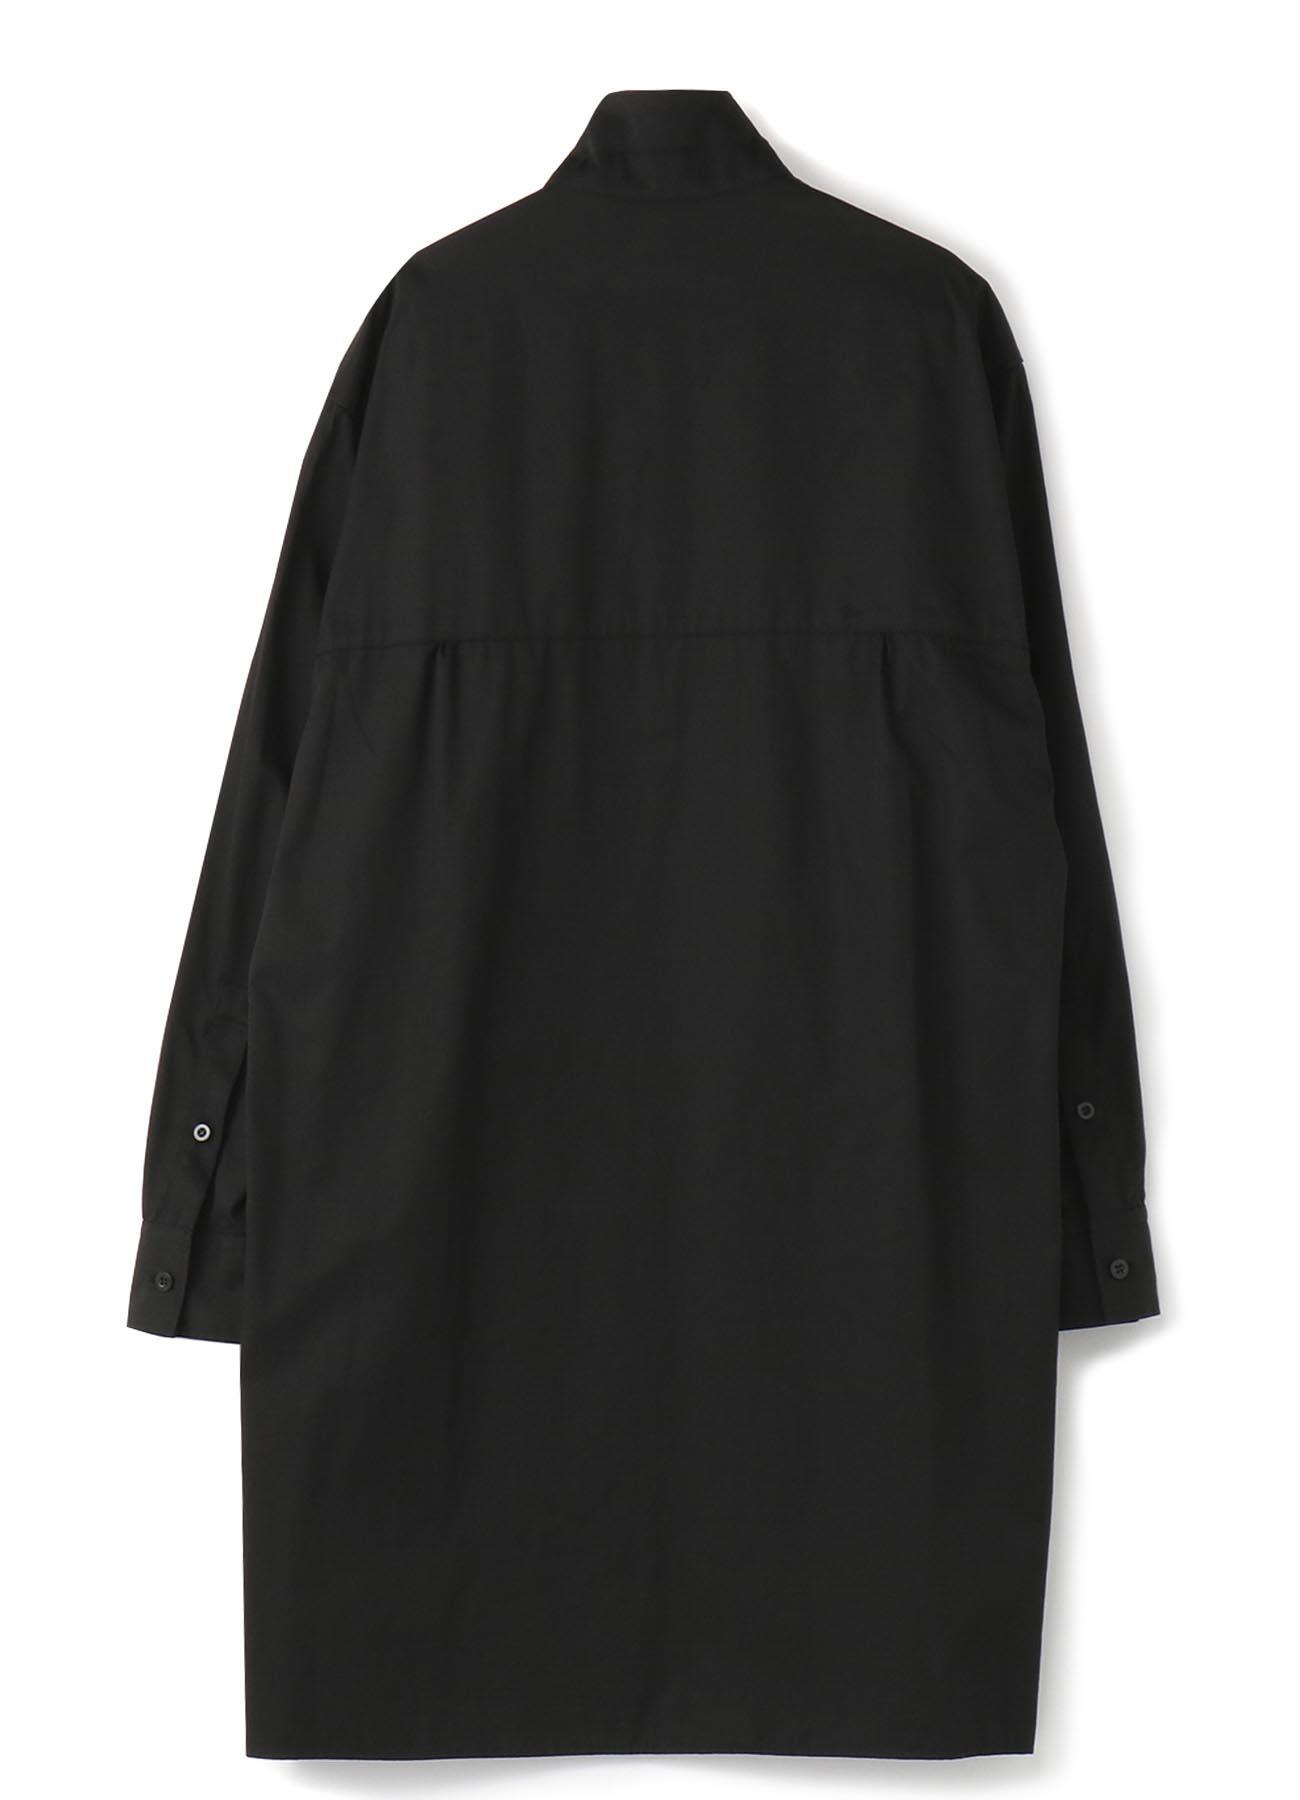 No.15 ファスナーシャツ バーバリー